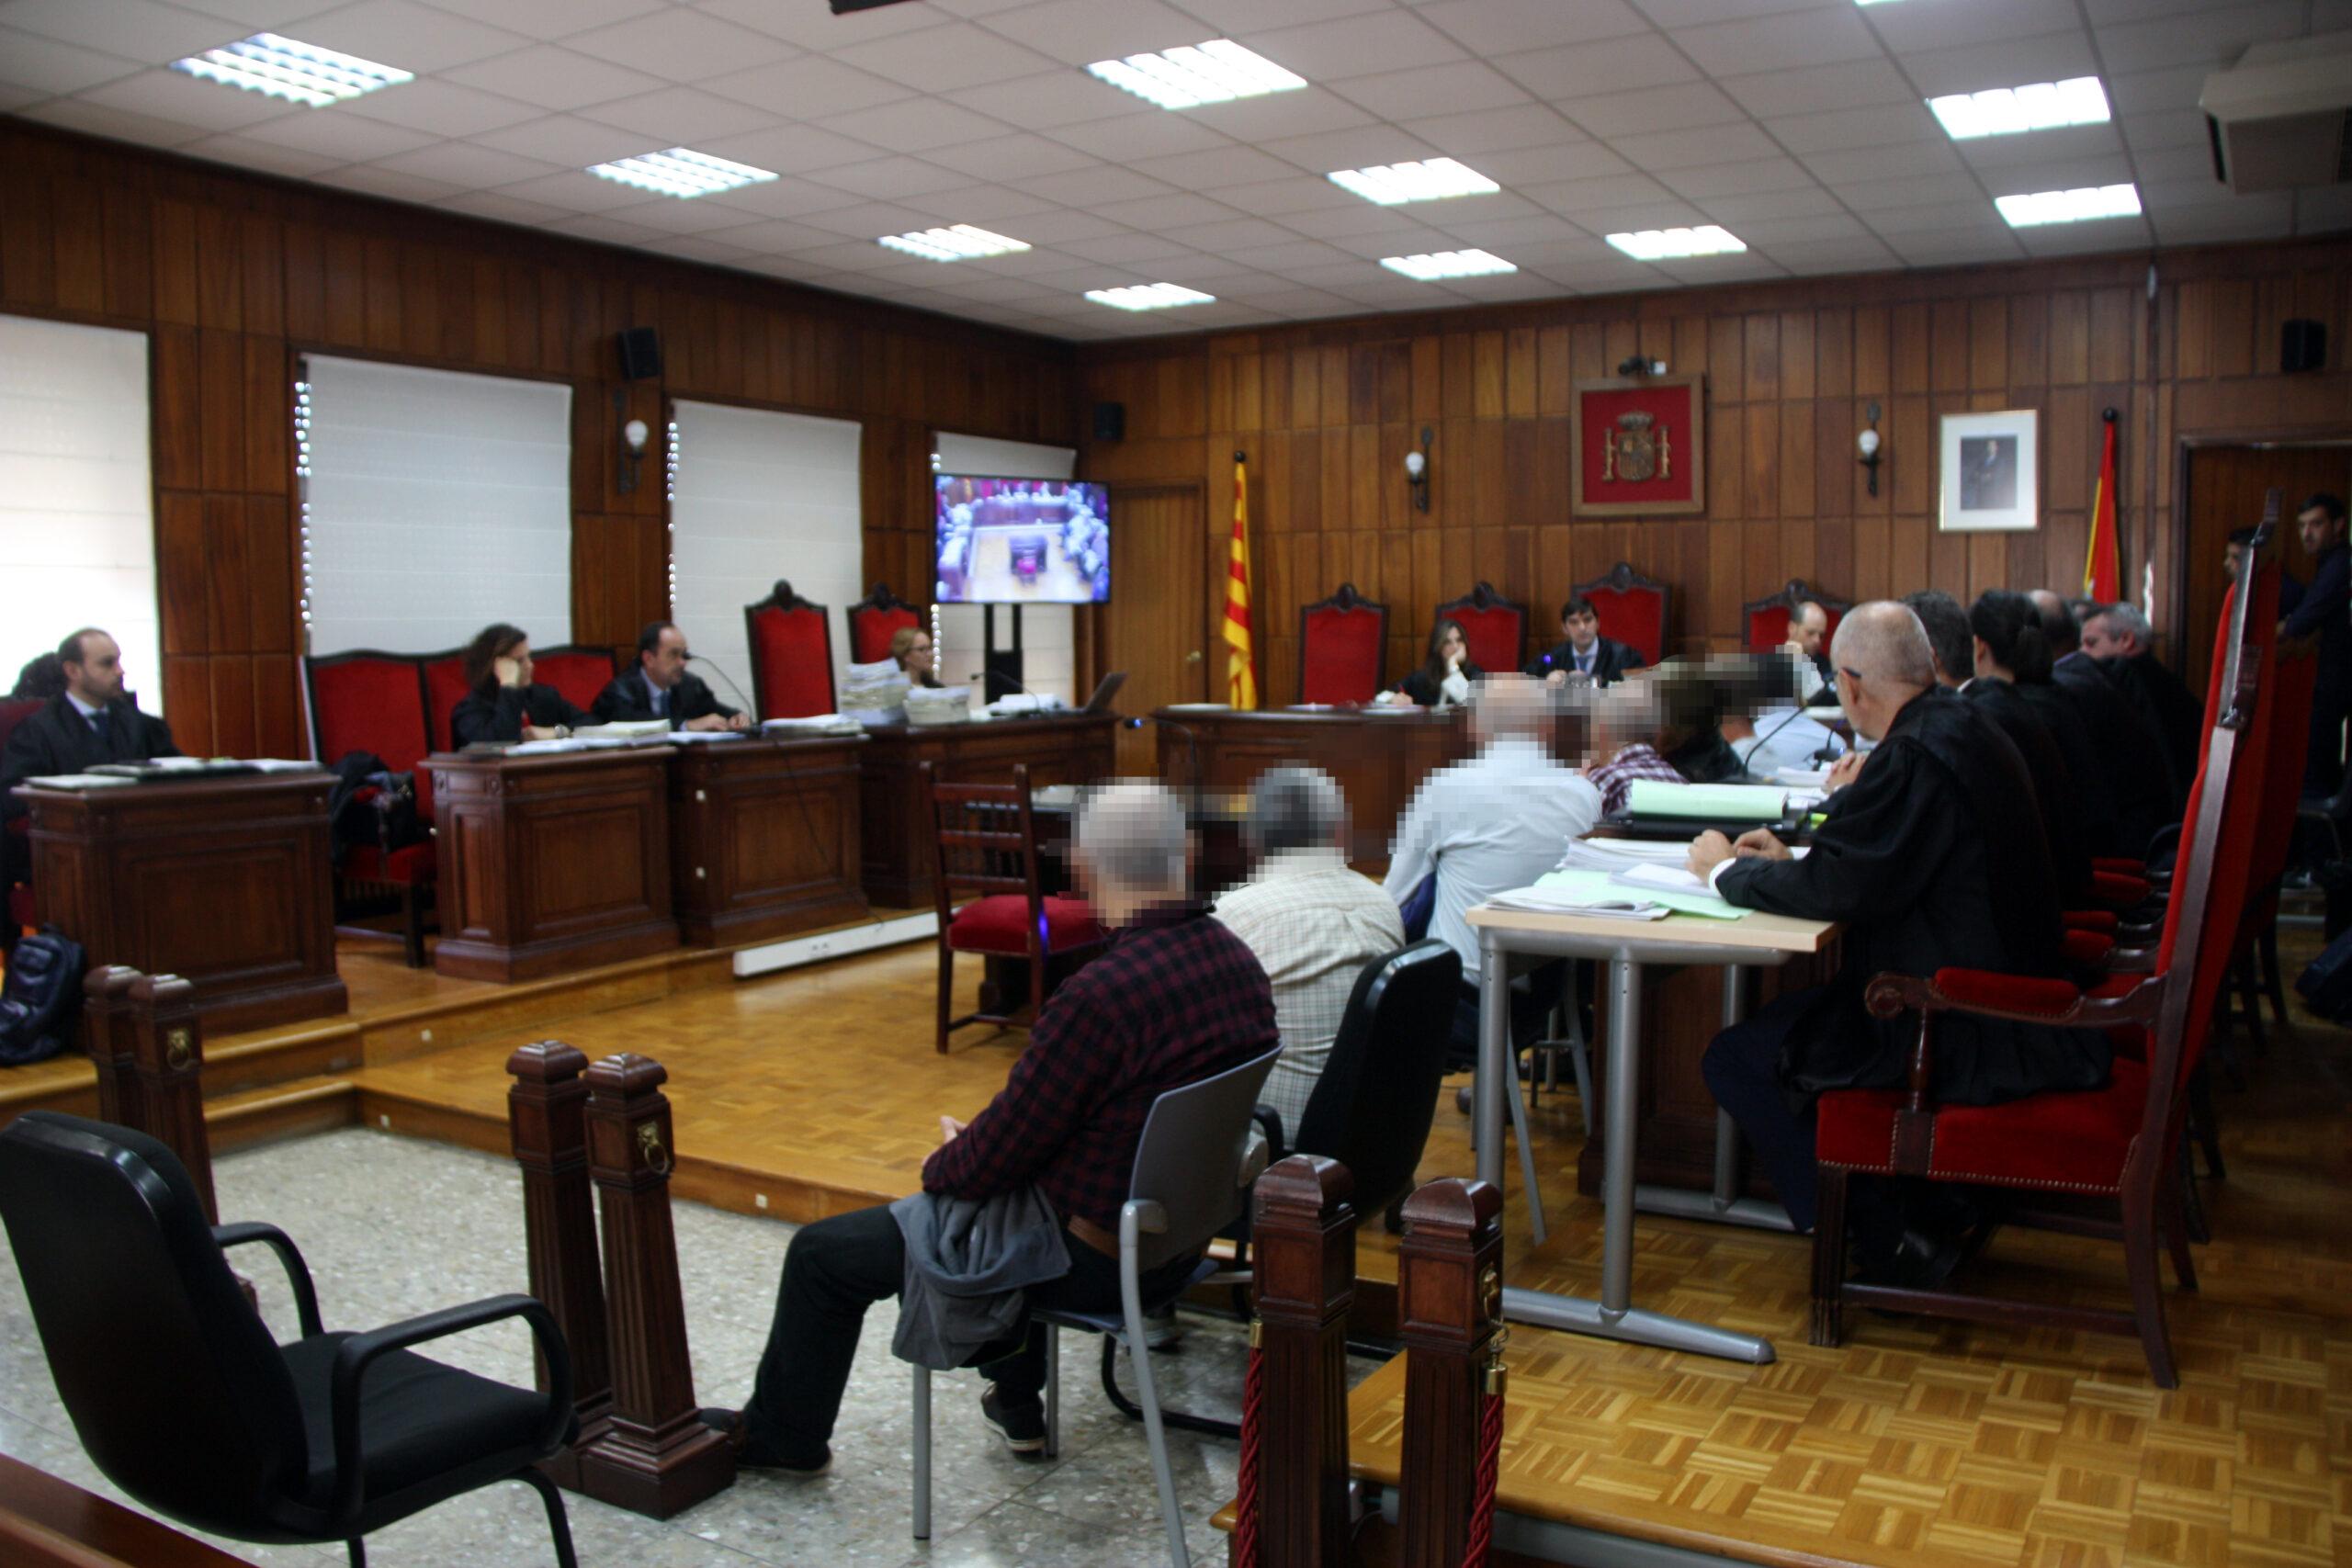 La sala de vistes de l'Audiència de Tarragona on es fa el judici als membres d'una xarxa d'abús de menors i pornografia infantil destapada a Tortosa / ACN